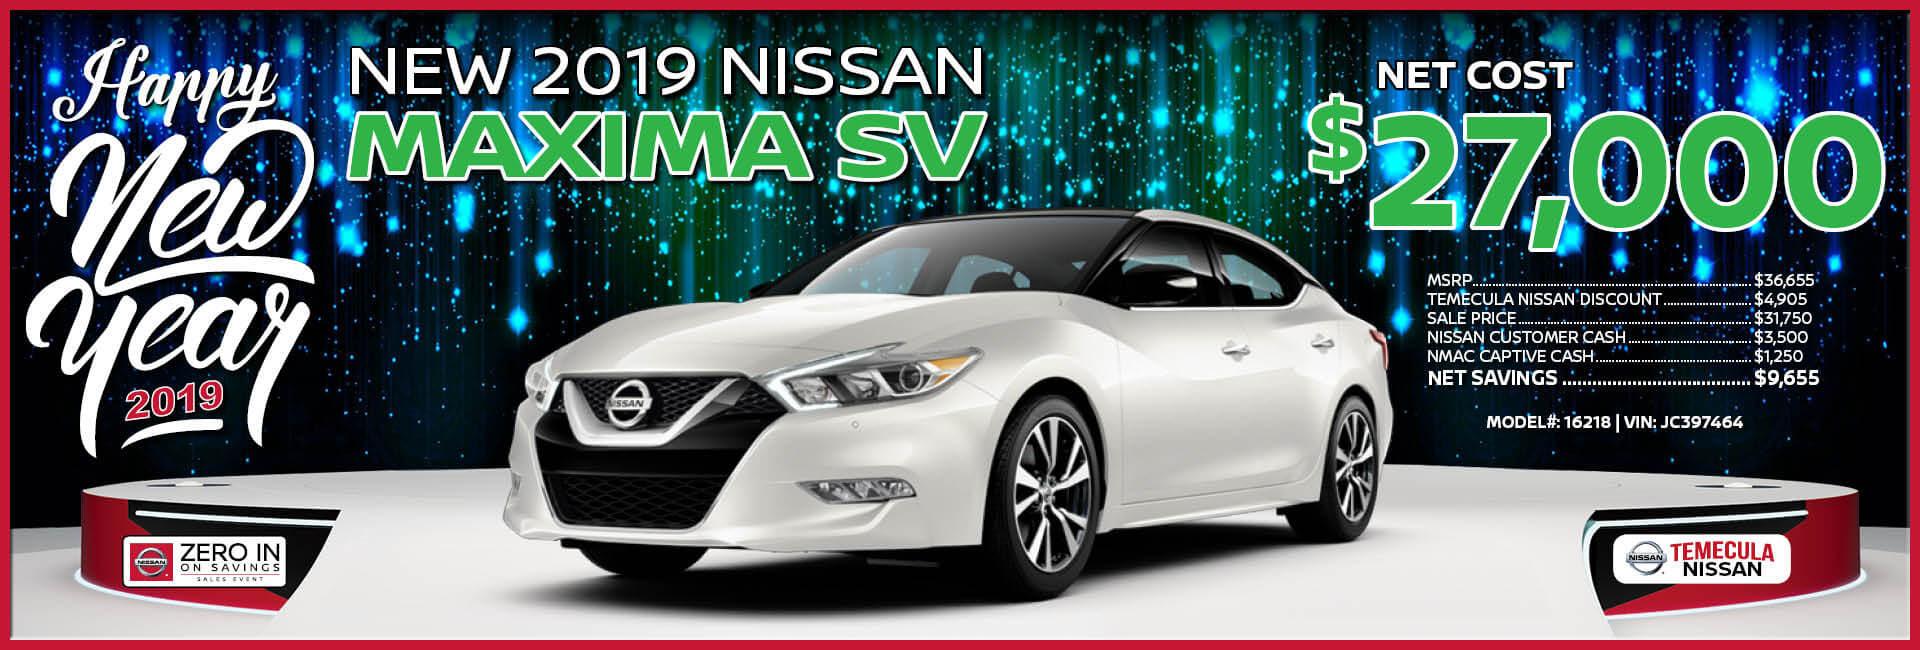 Nissan Maxima $27,000